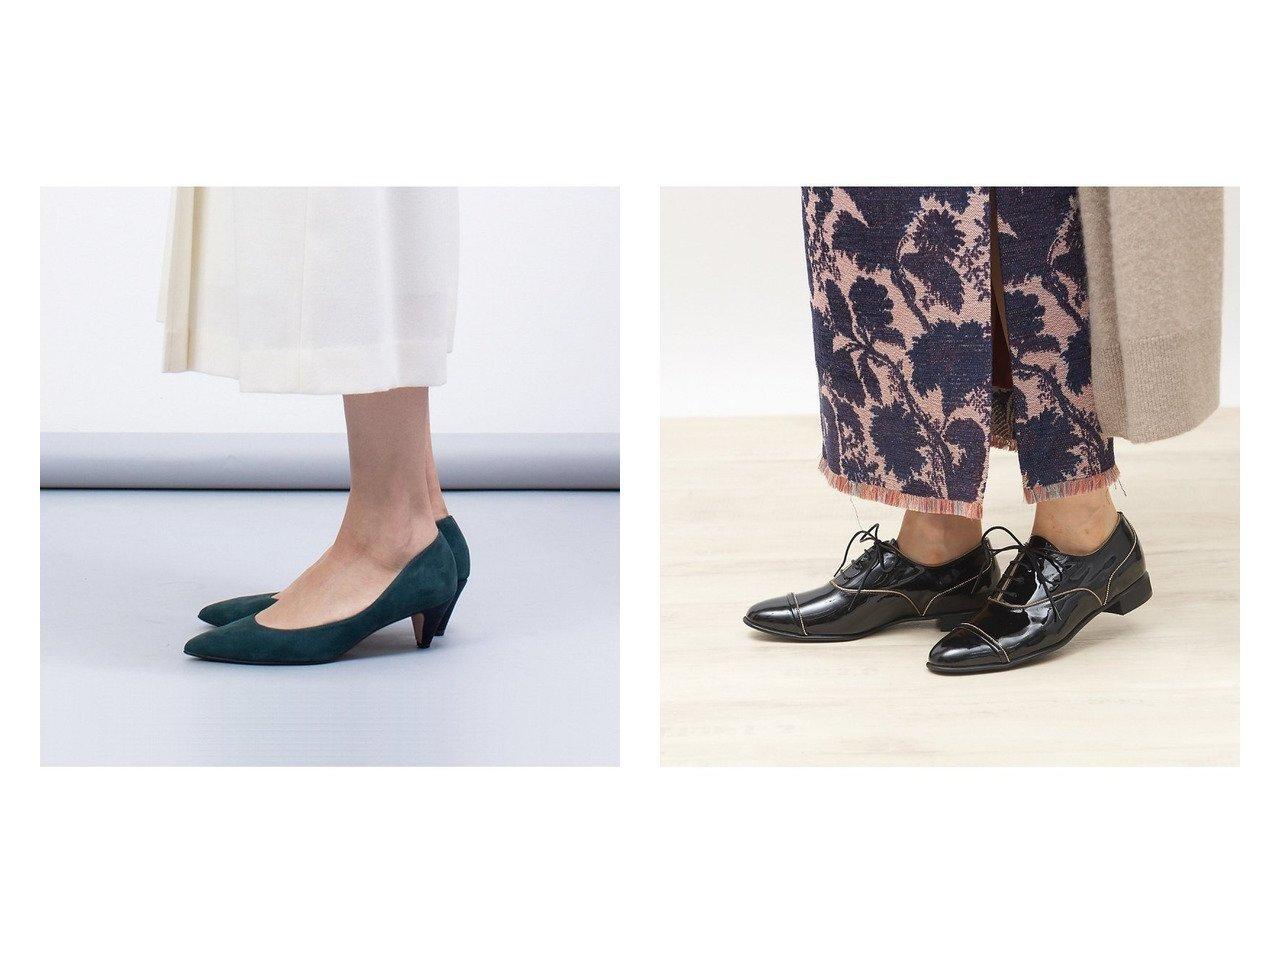 【Au BANNISTER/オゥ バニスター】のボールチェーンシューズ&【累計1万足突破!】ポインテッドミドルパンプス シューズ・靴のおすすめ!人気、トレンド・レディースファッションの通販  おすすめで人気の流行・トレンド、ファッションの通販商品 メンズファッション・キッズファッション・インテリア・家具・レディースファッション・服の通販 founy(ファニー) https://founy.com/ ファッション Fashion レディースファッション WOMEN インソール カッティング クッション シューズ A/W 秋冬 AW Autumn/Winter / FW Fall-Winter スニーカー スリッポン チェーン |ID:crp329100000019270